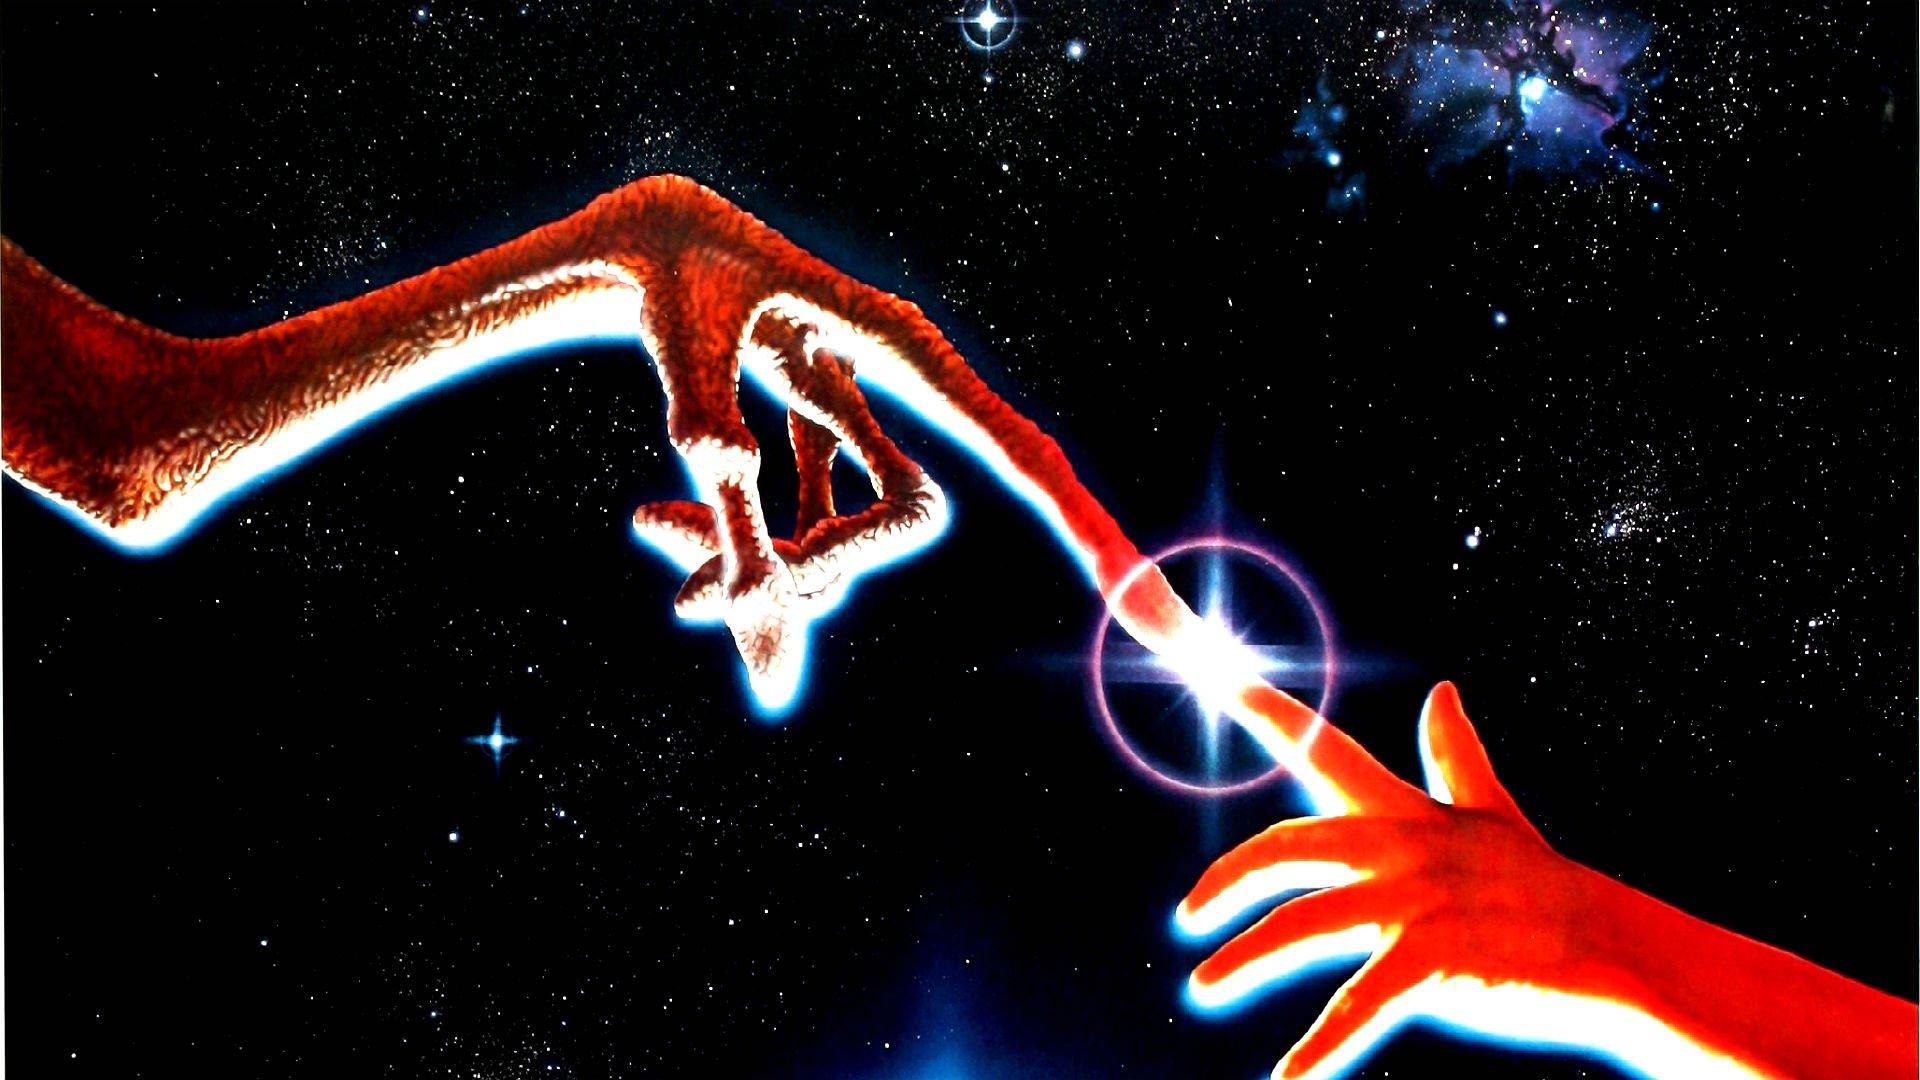 Sci Fi Wallpaper Hd E T The Extra Terrestrial Adventure Family Science Sci Fi